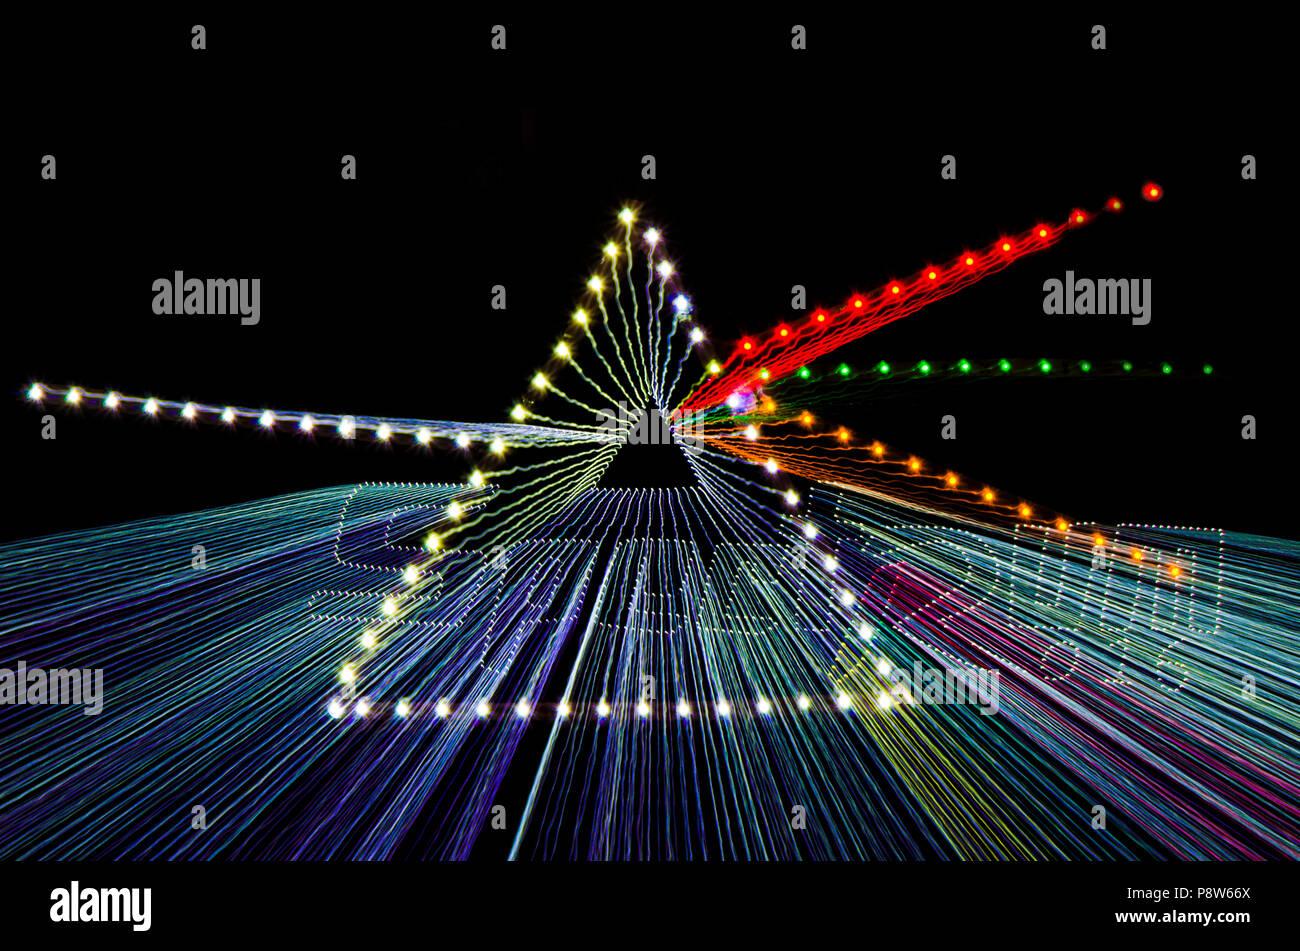 Zoom Burst, trügerische Bild der Begriff der Dispersion weißes Licht durch ein Prisma mit unterschiedlichen Farbe präsentiert LED-Glühbirnen über schwarzen Hintergrund. Stockbild